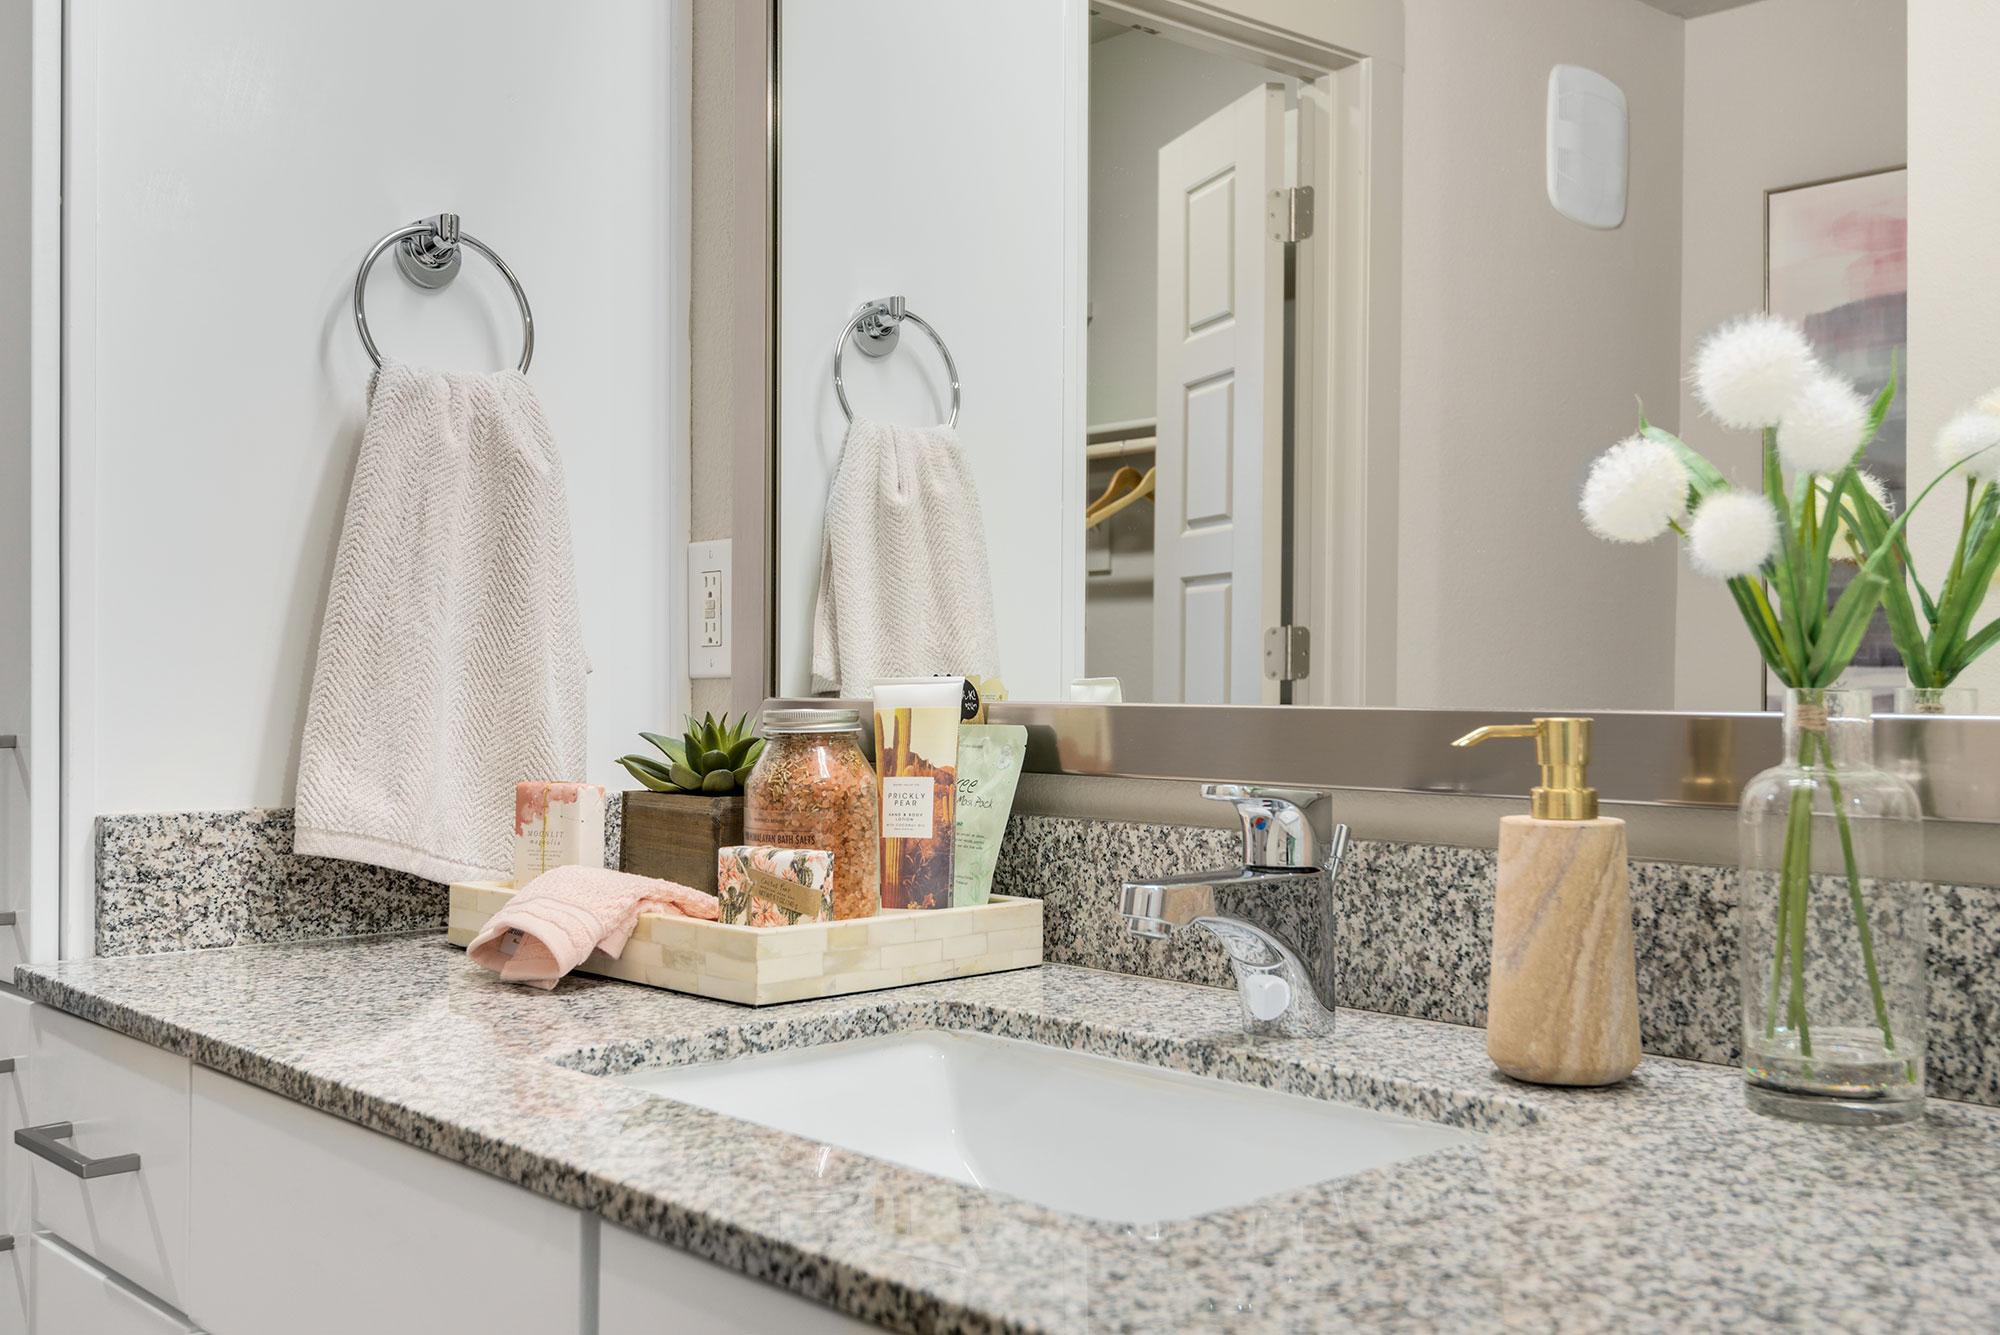 Riata - Model Unit - Bathroom sink